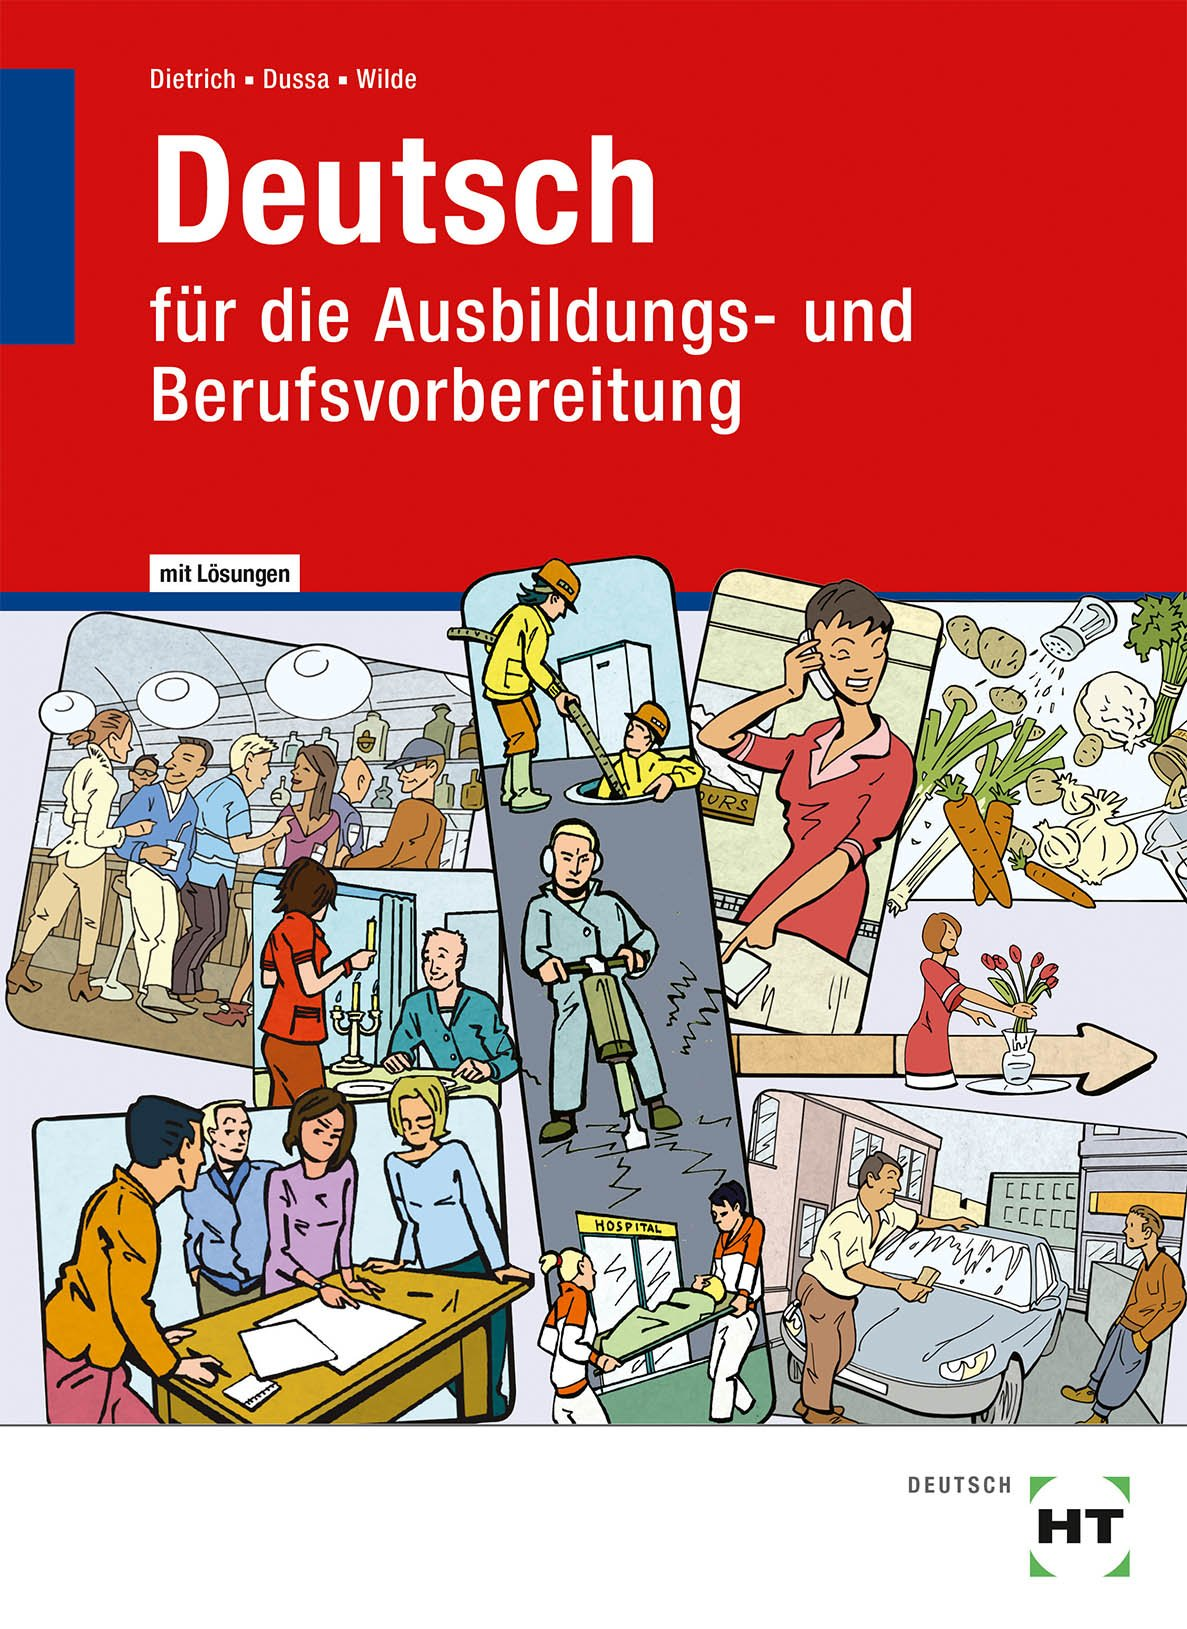 Lehr- und Arbeitsbuch mit eingetragenen Lösungen Deutsch: für die Ausbildungs- und Berufsvorbereitung Taschenbuch – 18. Juli 2018 Ralf Dietrich Antje Dussa Anne Wilde Verlag Handwerk und Technik